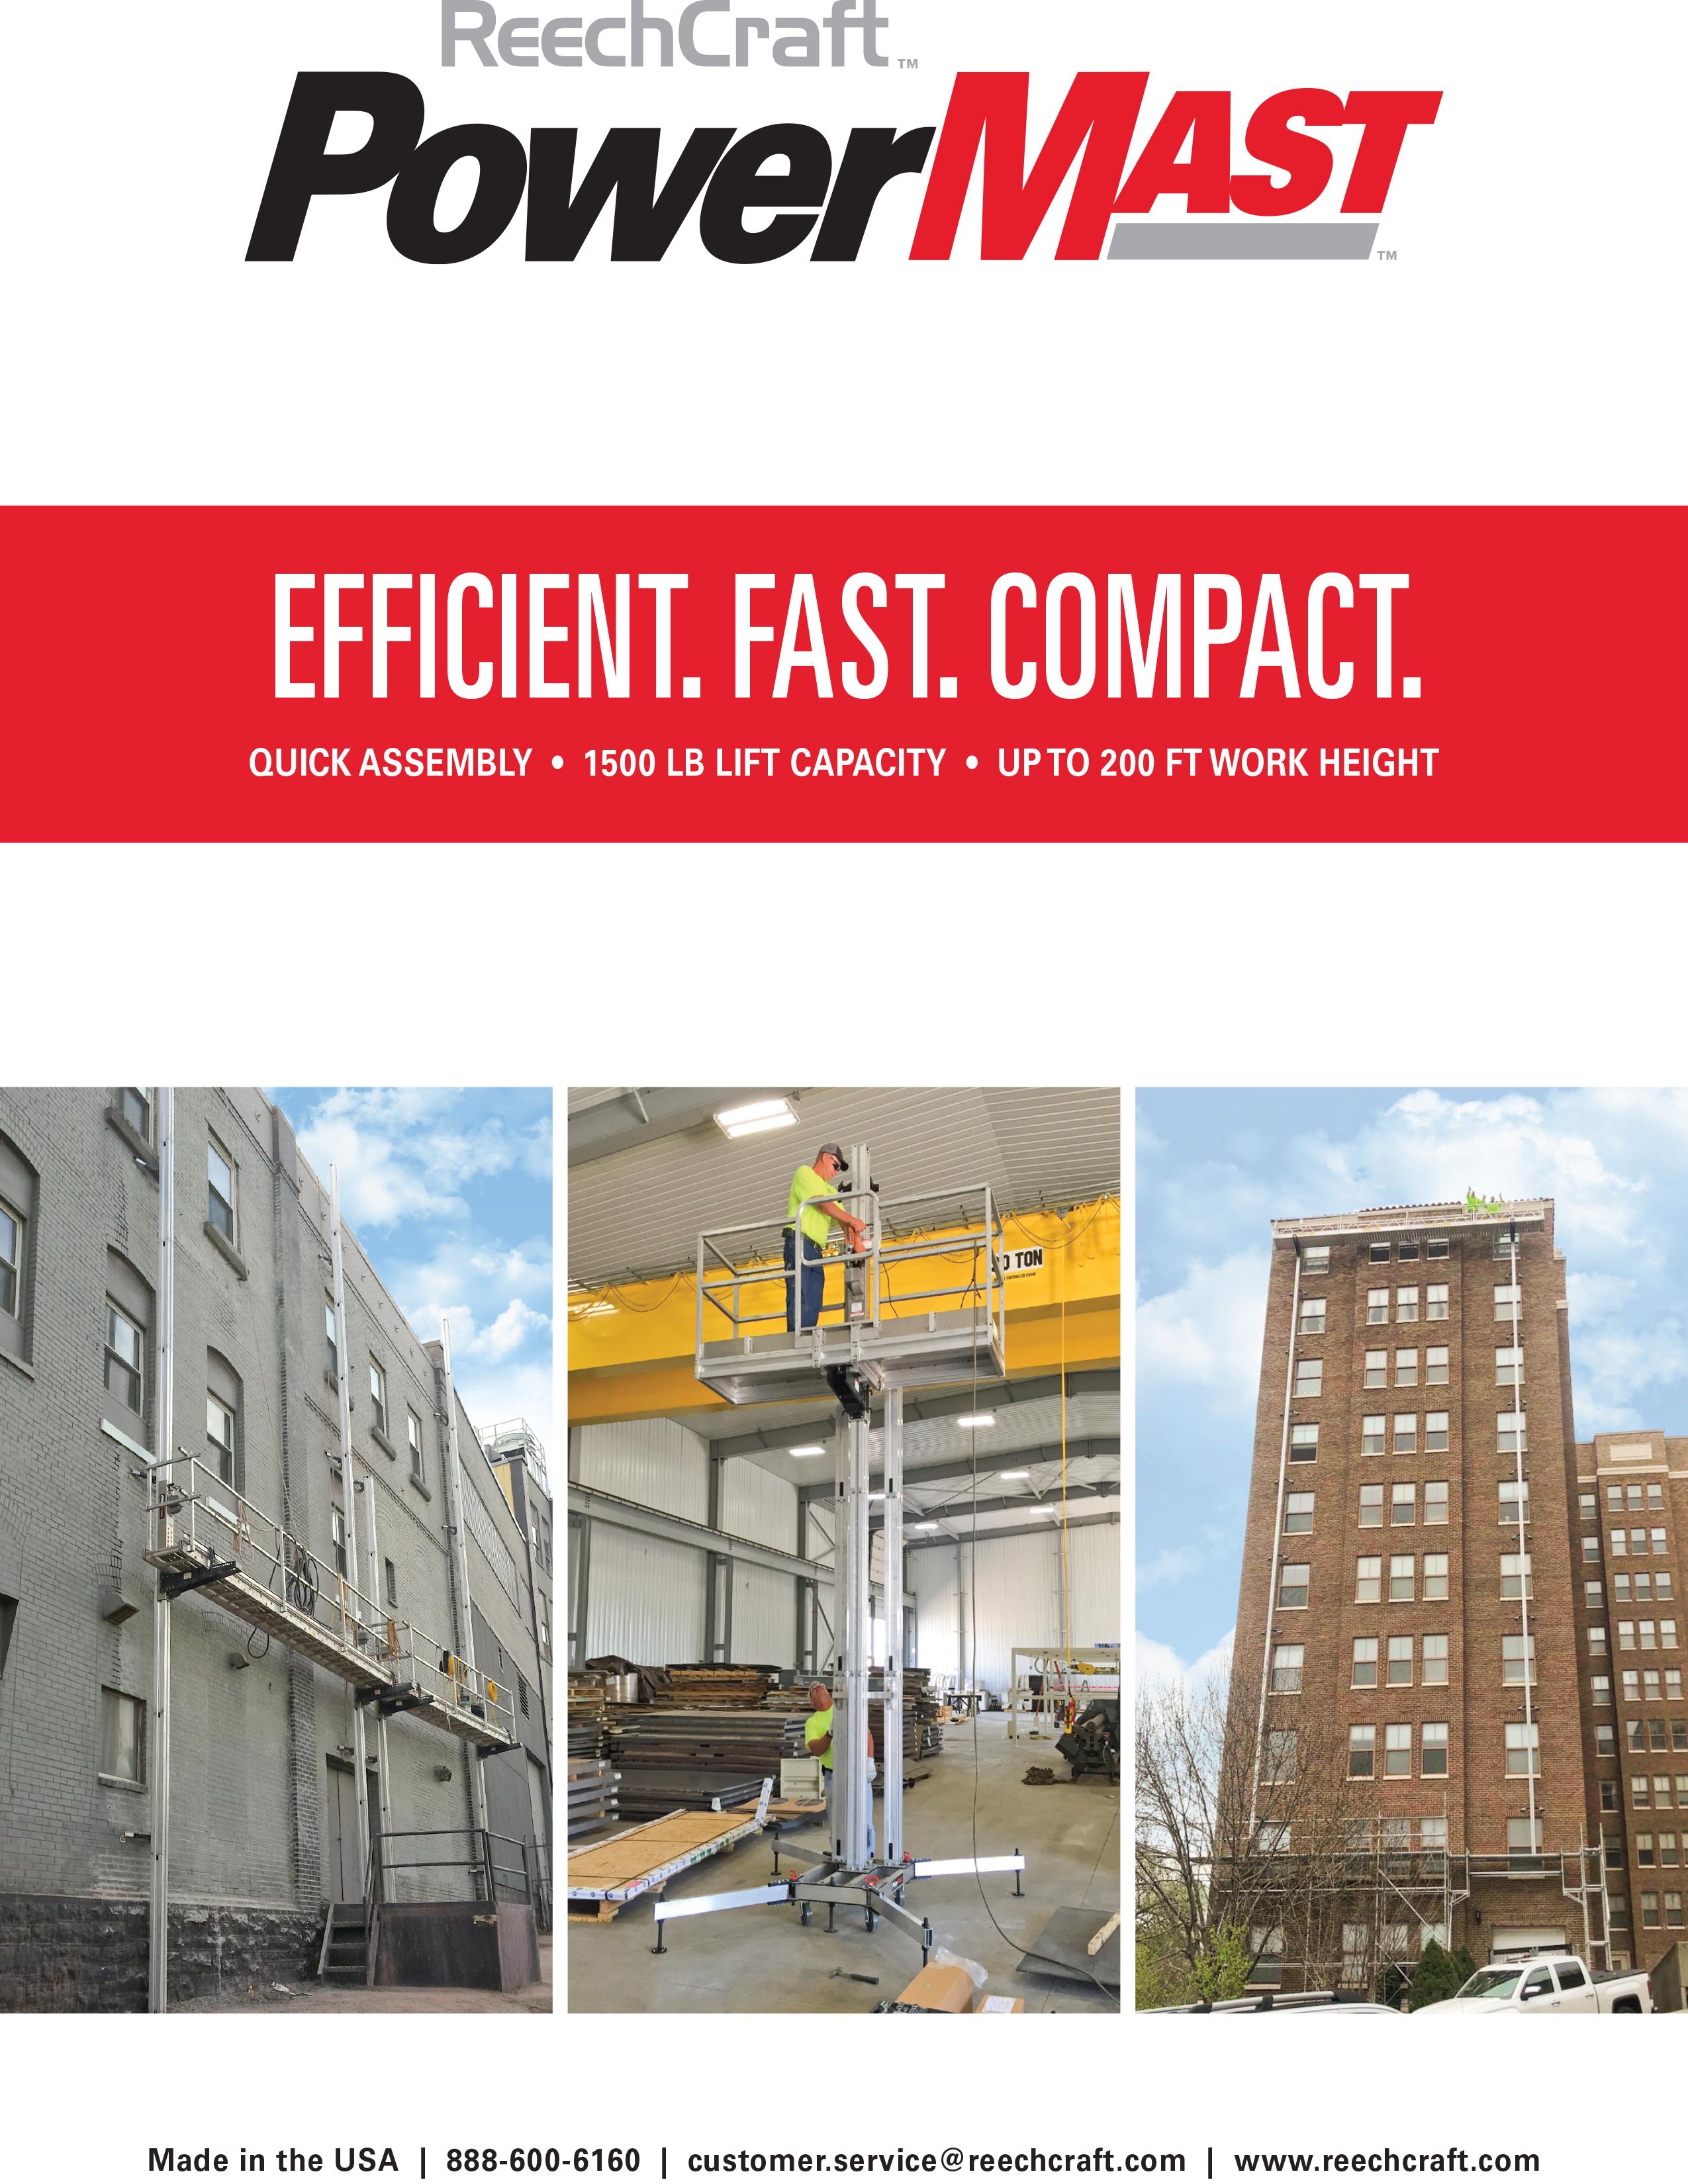 powermast-brochure-2020-1.jpg